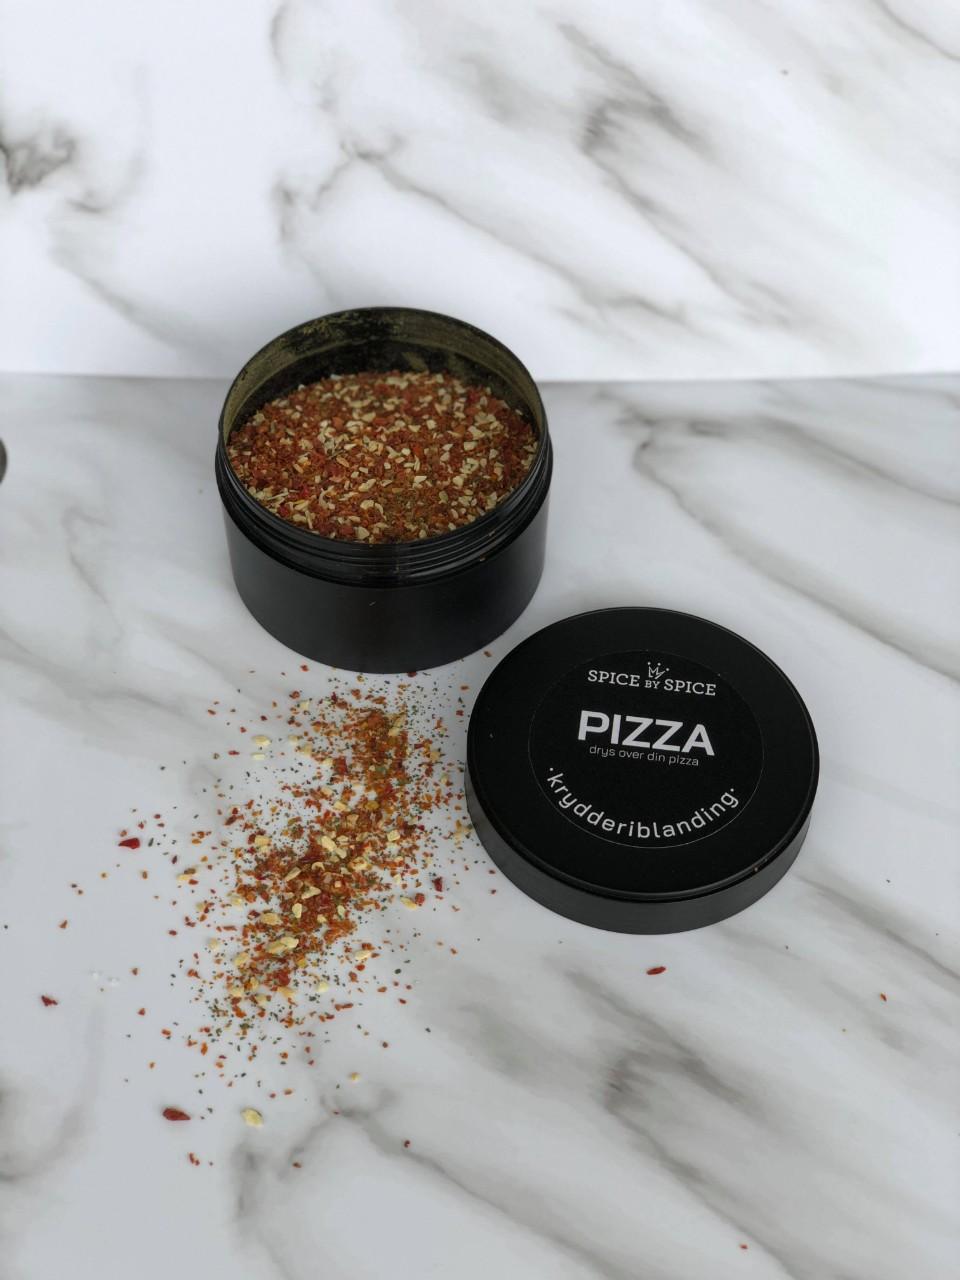 Pizza krydderi